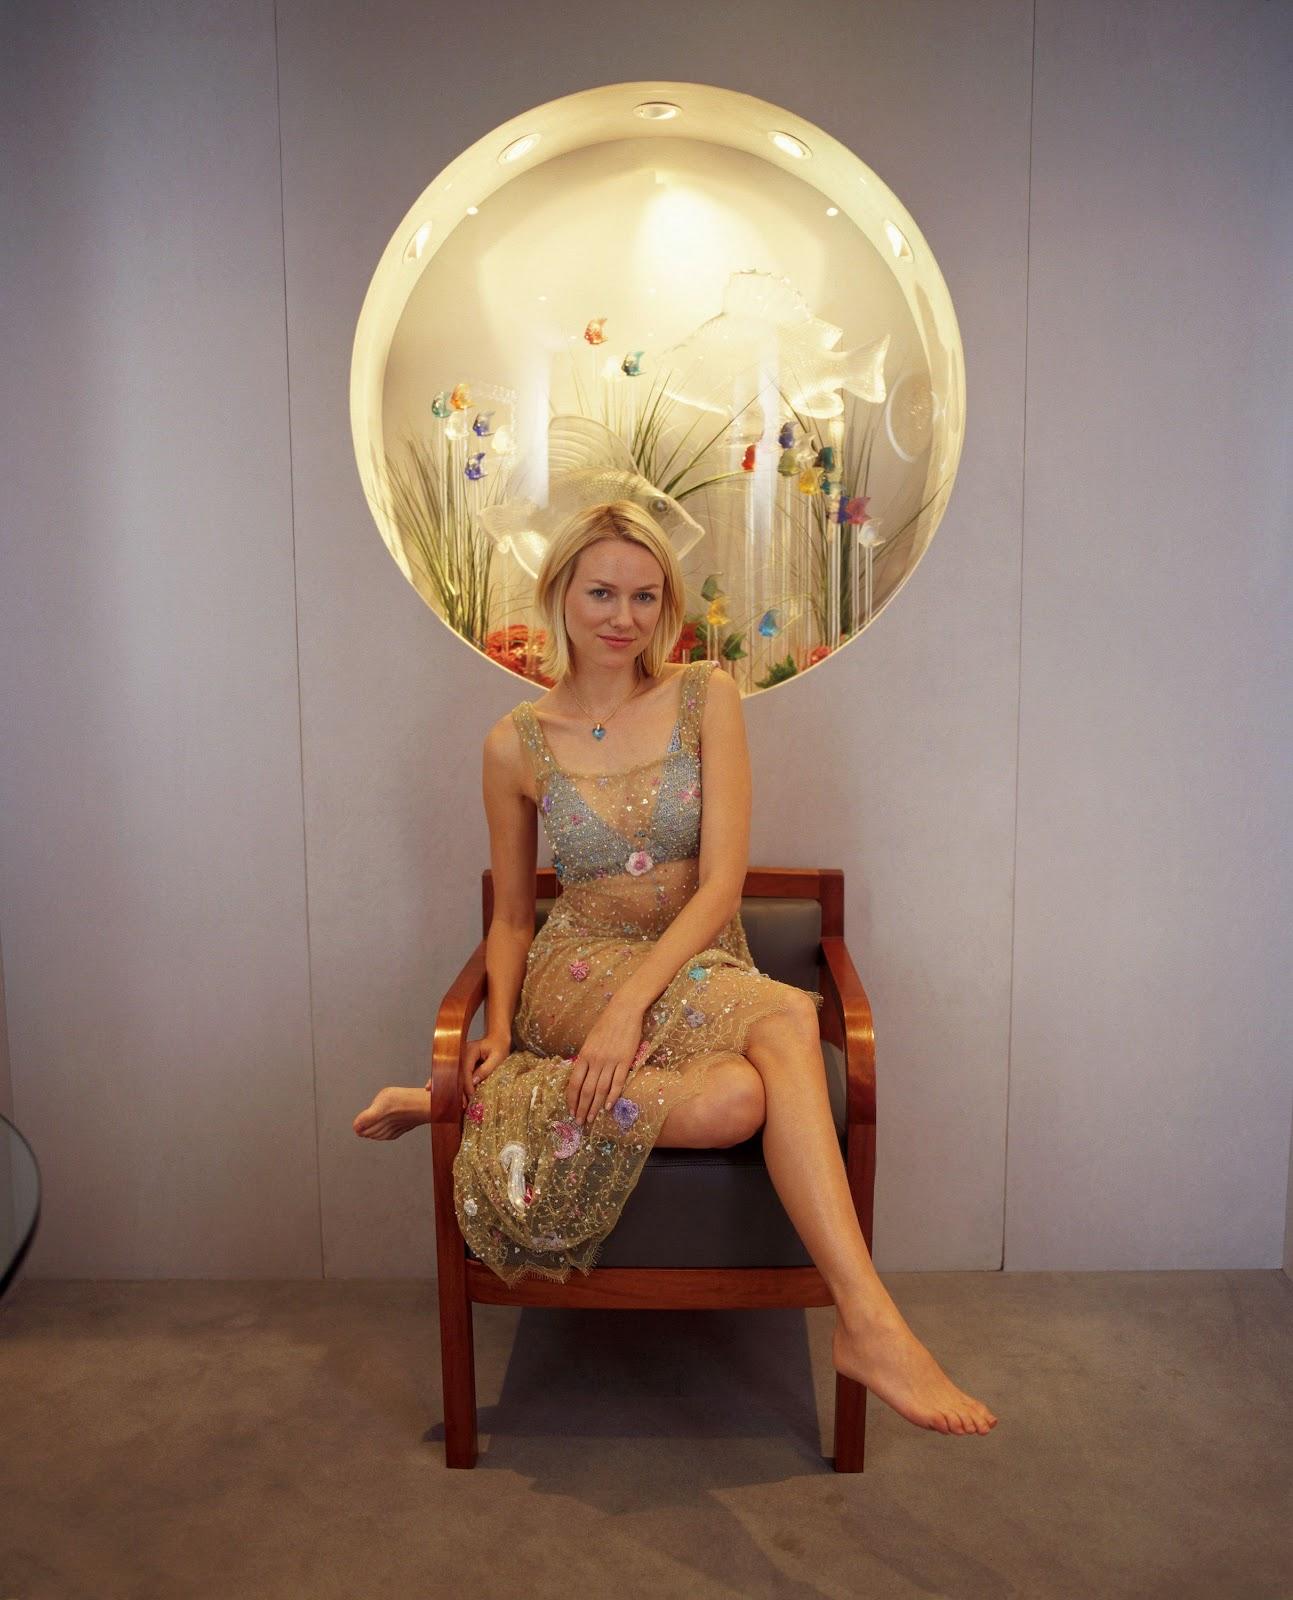 http://1.bp.blogspot.com/-2ioh1tv_HVY/T_RQiVjF_zI/AAAAAAAACa8/-s_d_C4QVk8/s1600/Naomi-Watts-Feet-65071.jpg